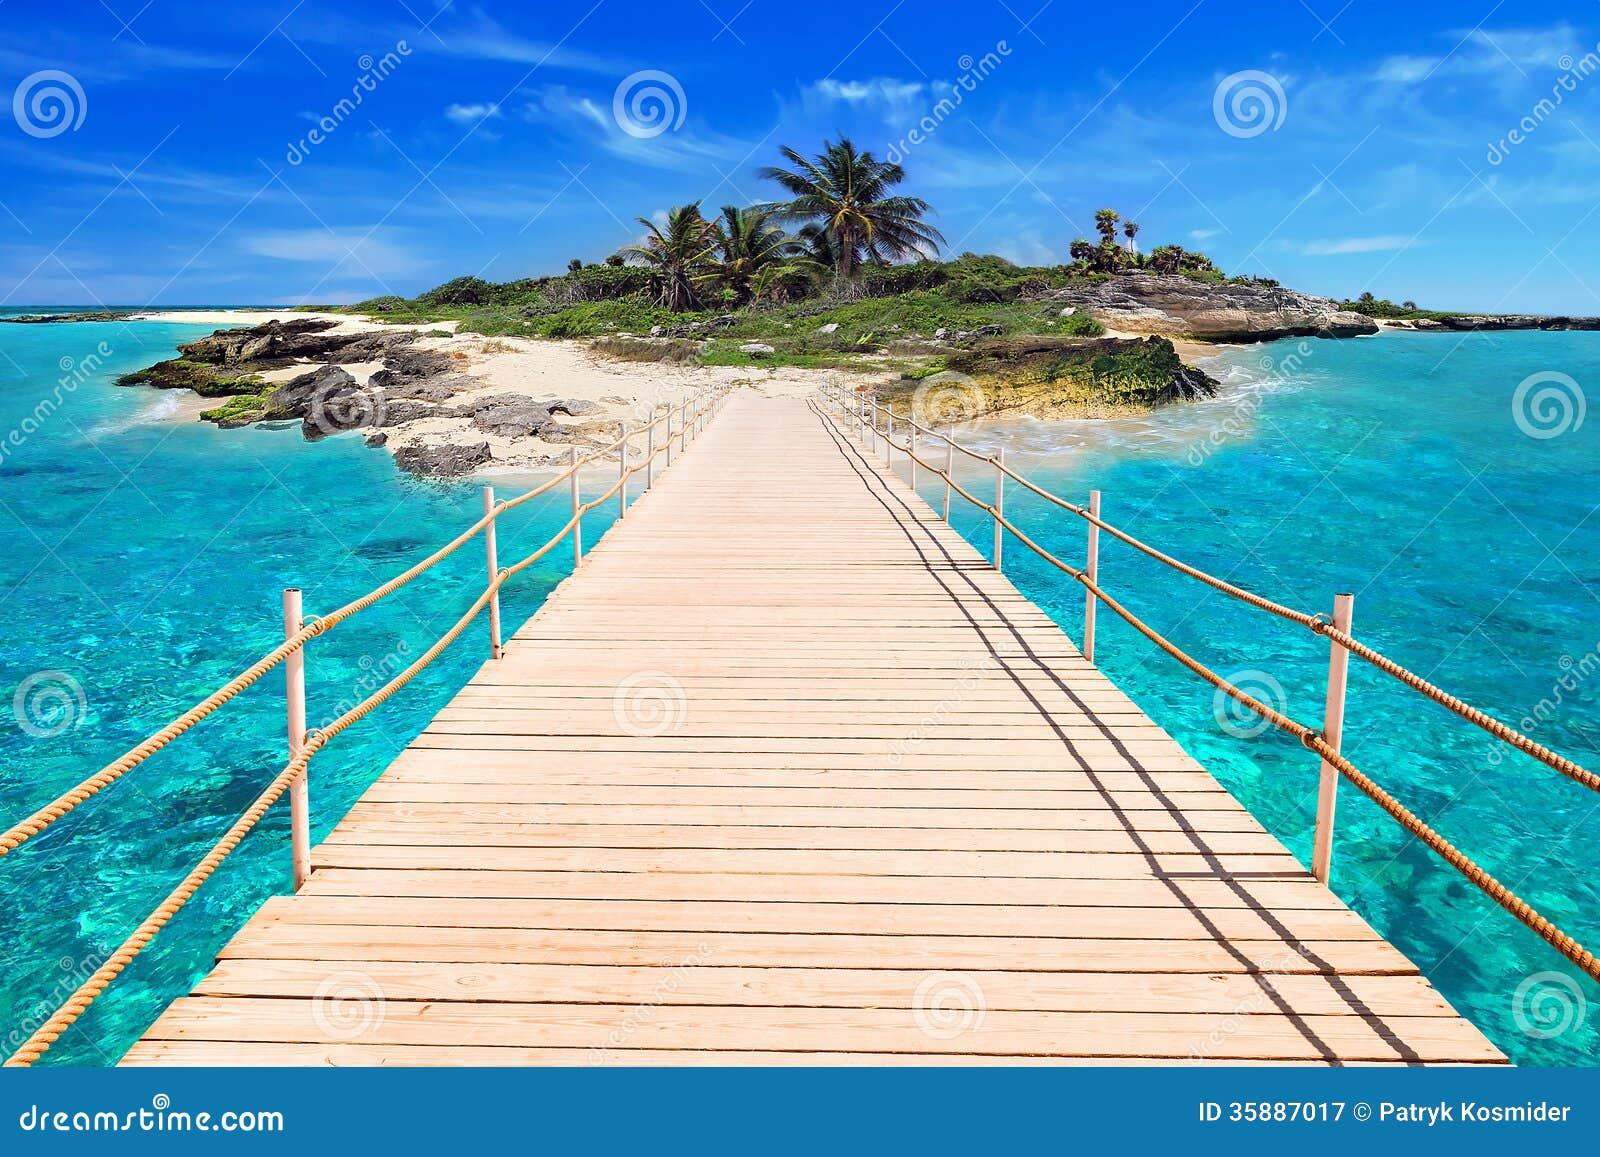 Embarcadero a la isla tropical